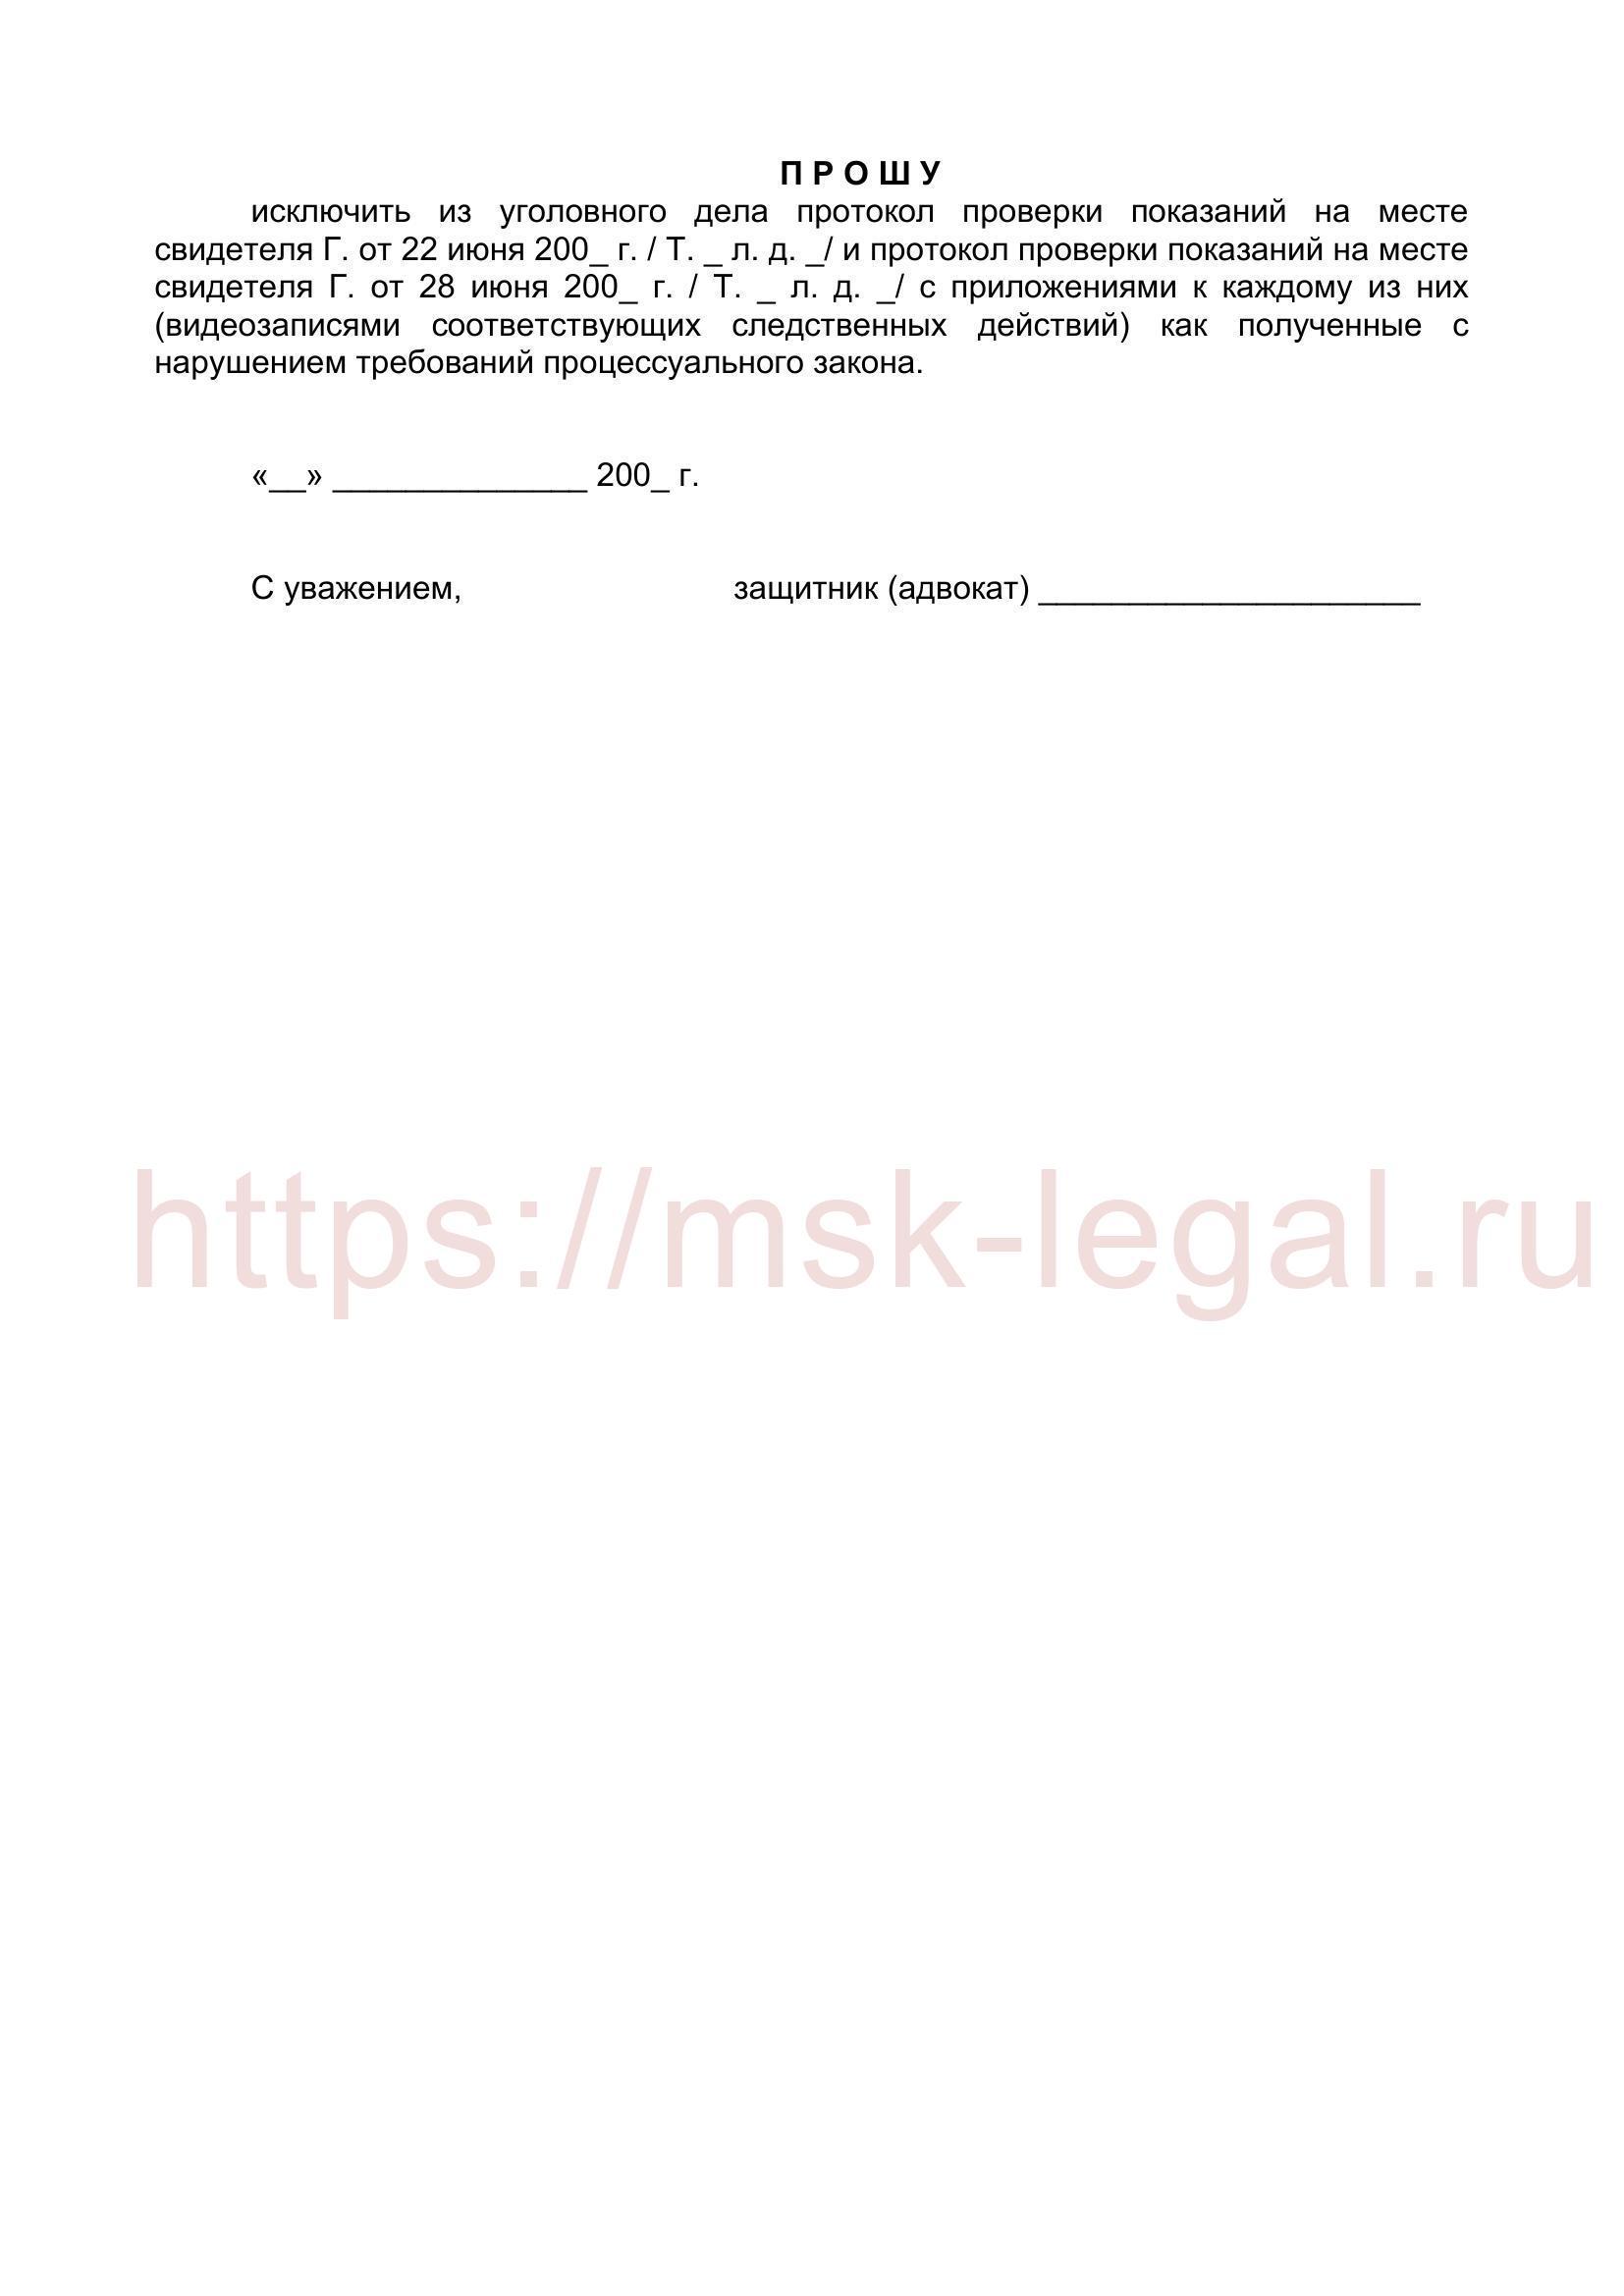 Об исключении недопустимого доказательства - протокола проверки показаний свидетеля на месте